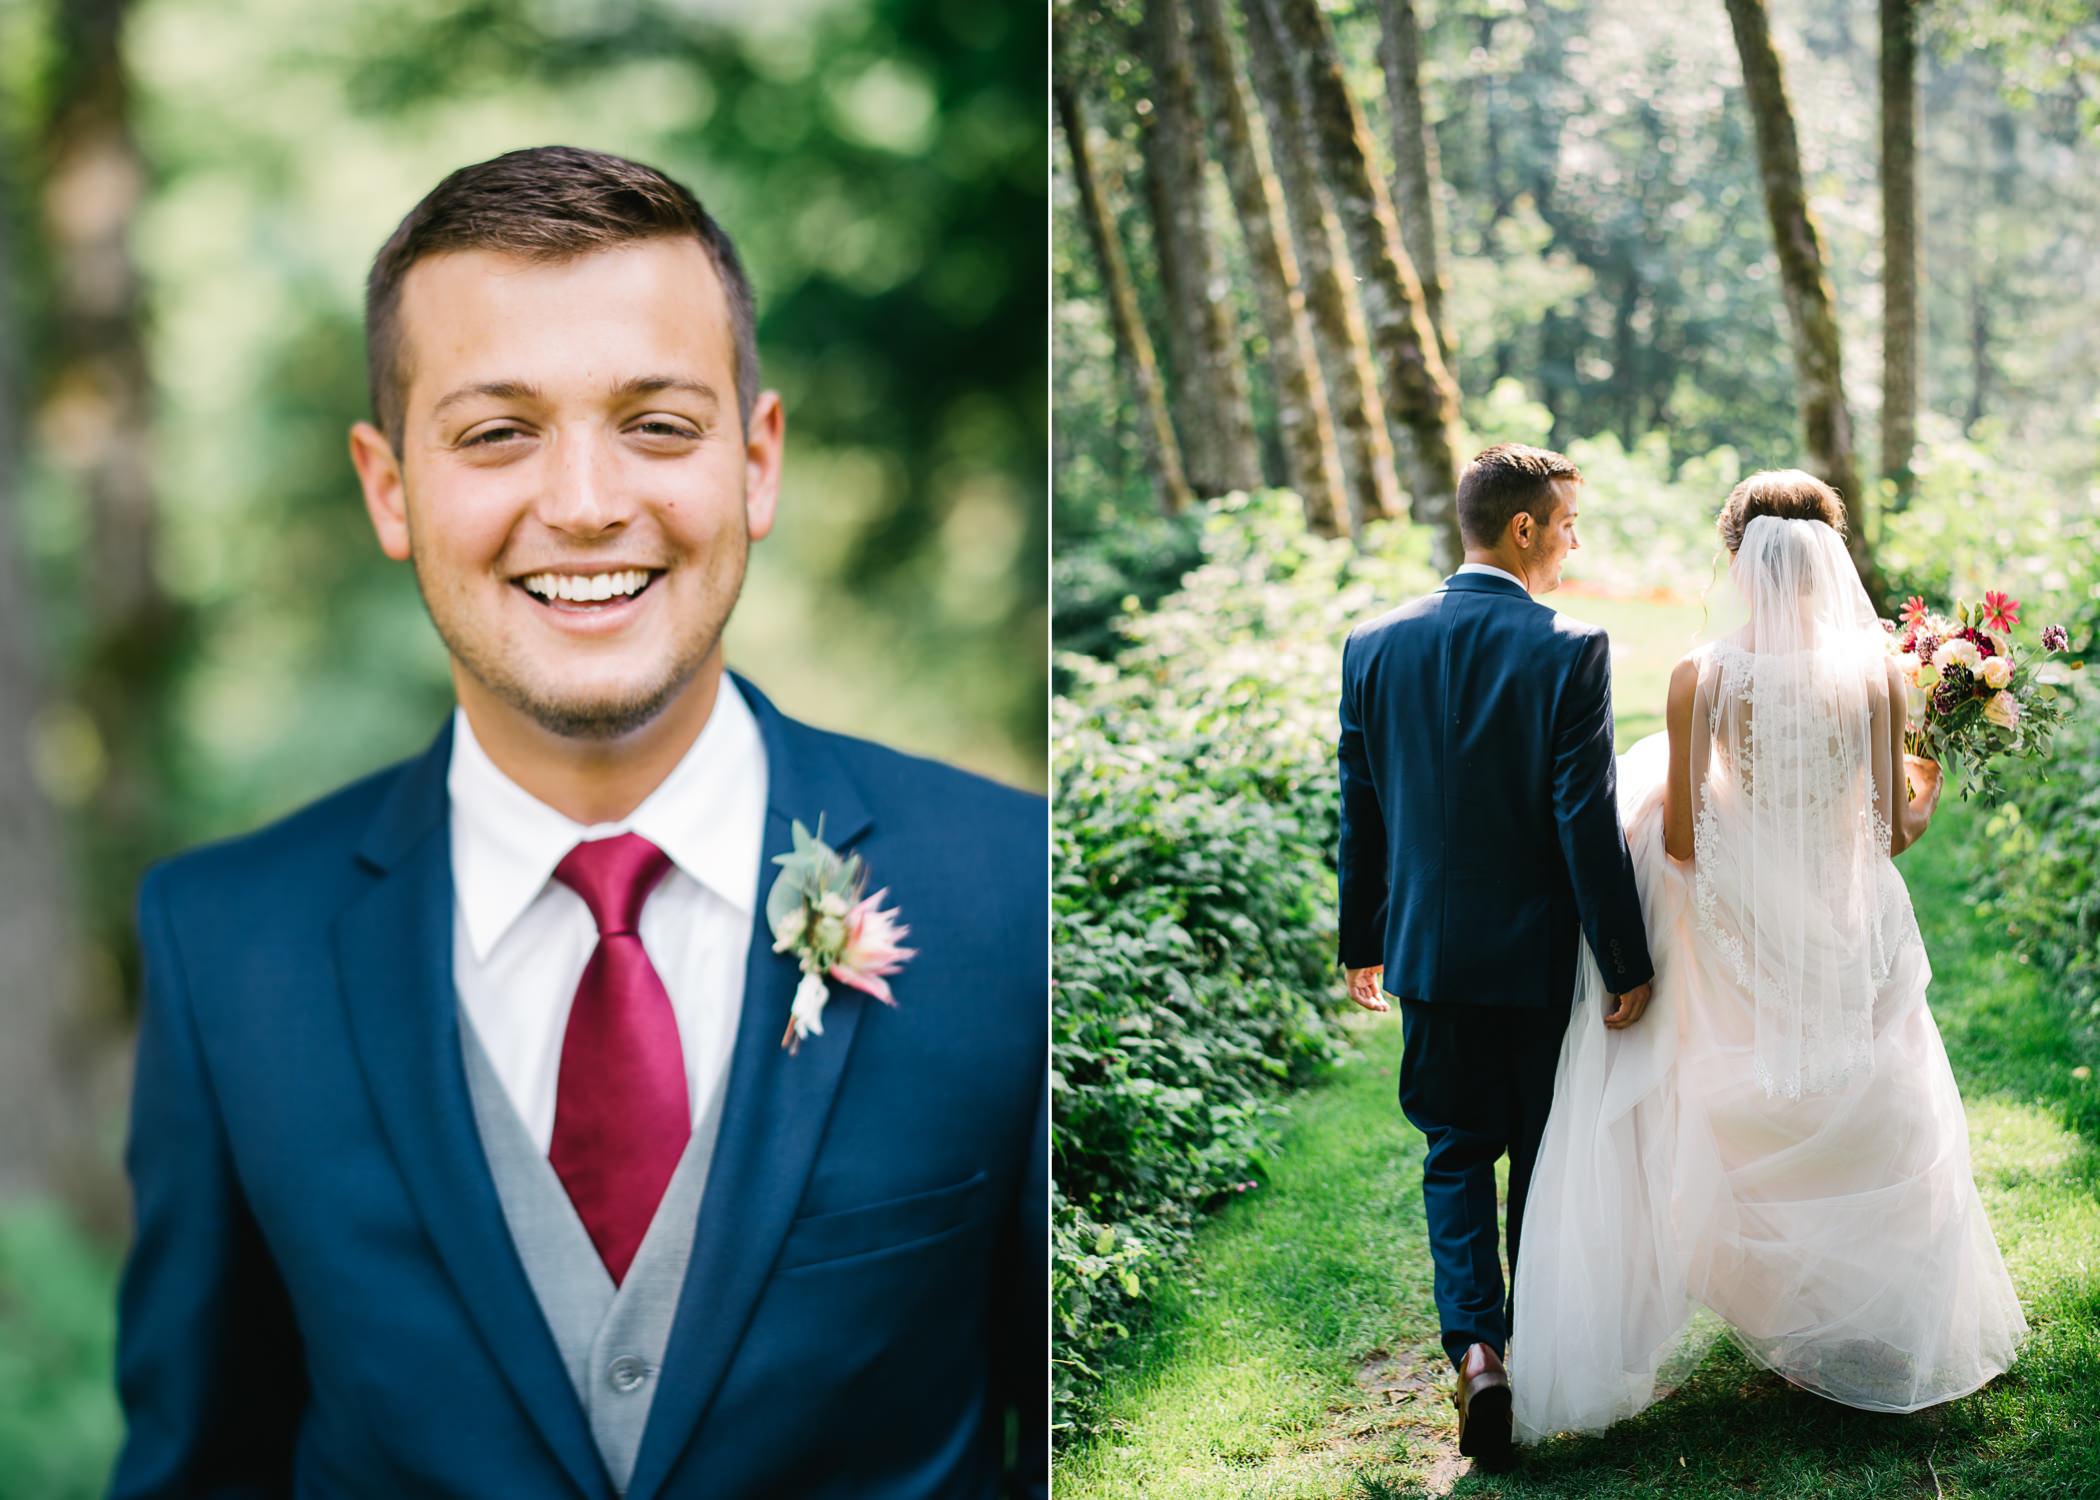 bridal-veil-lakes-oregon-wedding-033a.jpg